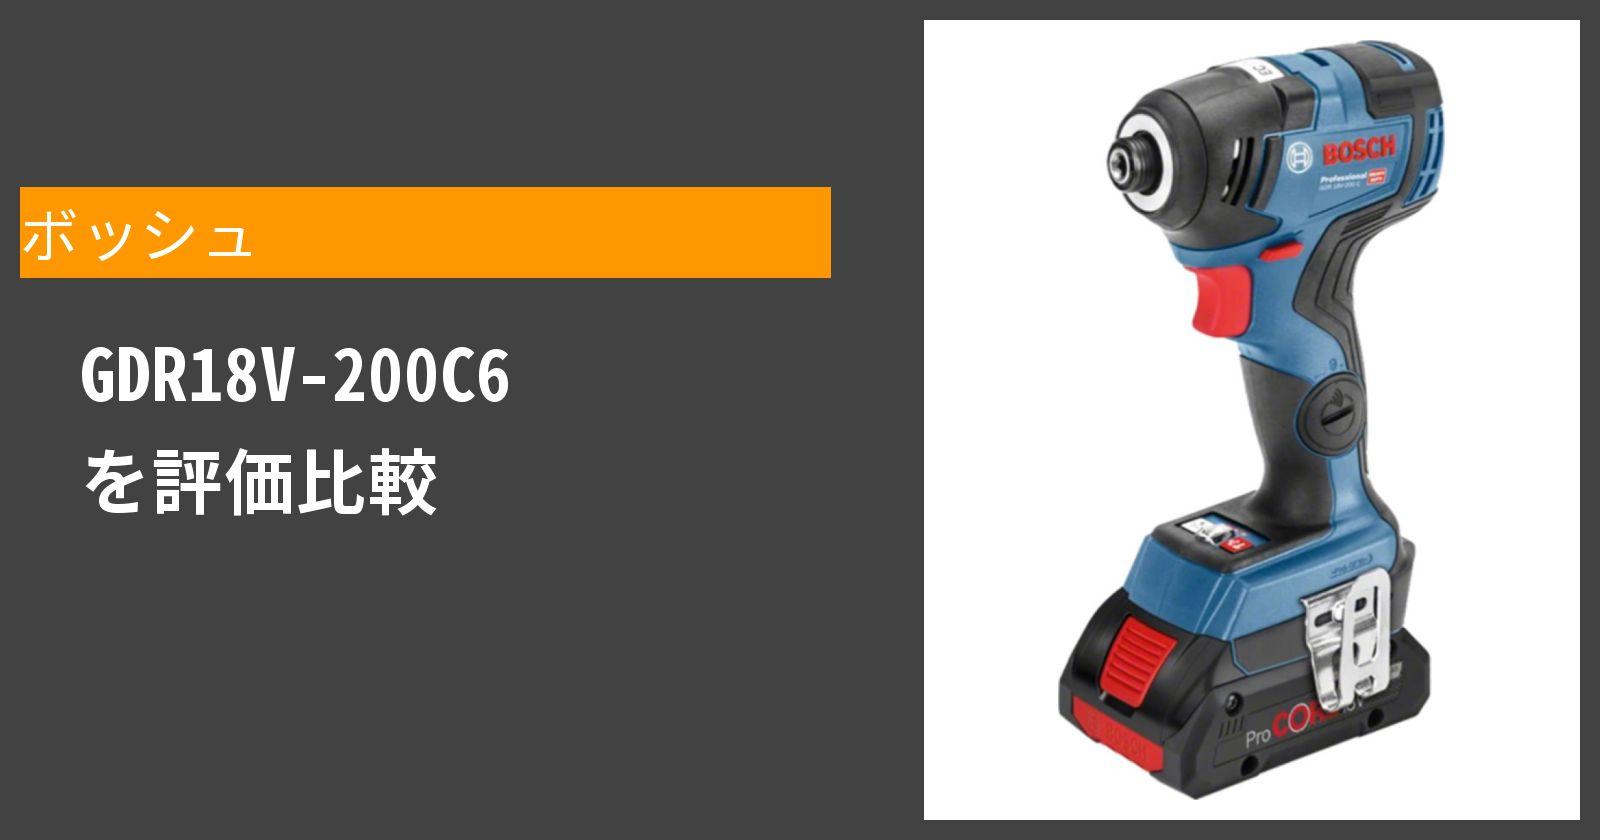 GDR18V-200C6を徹底評価